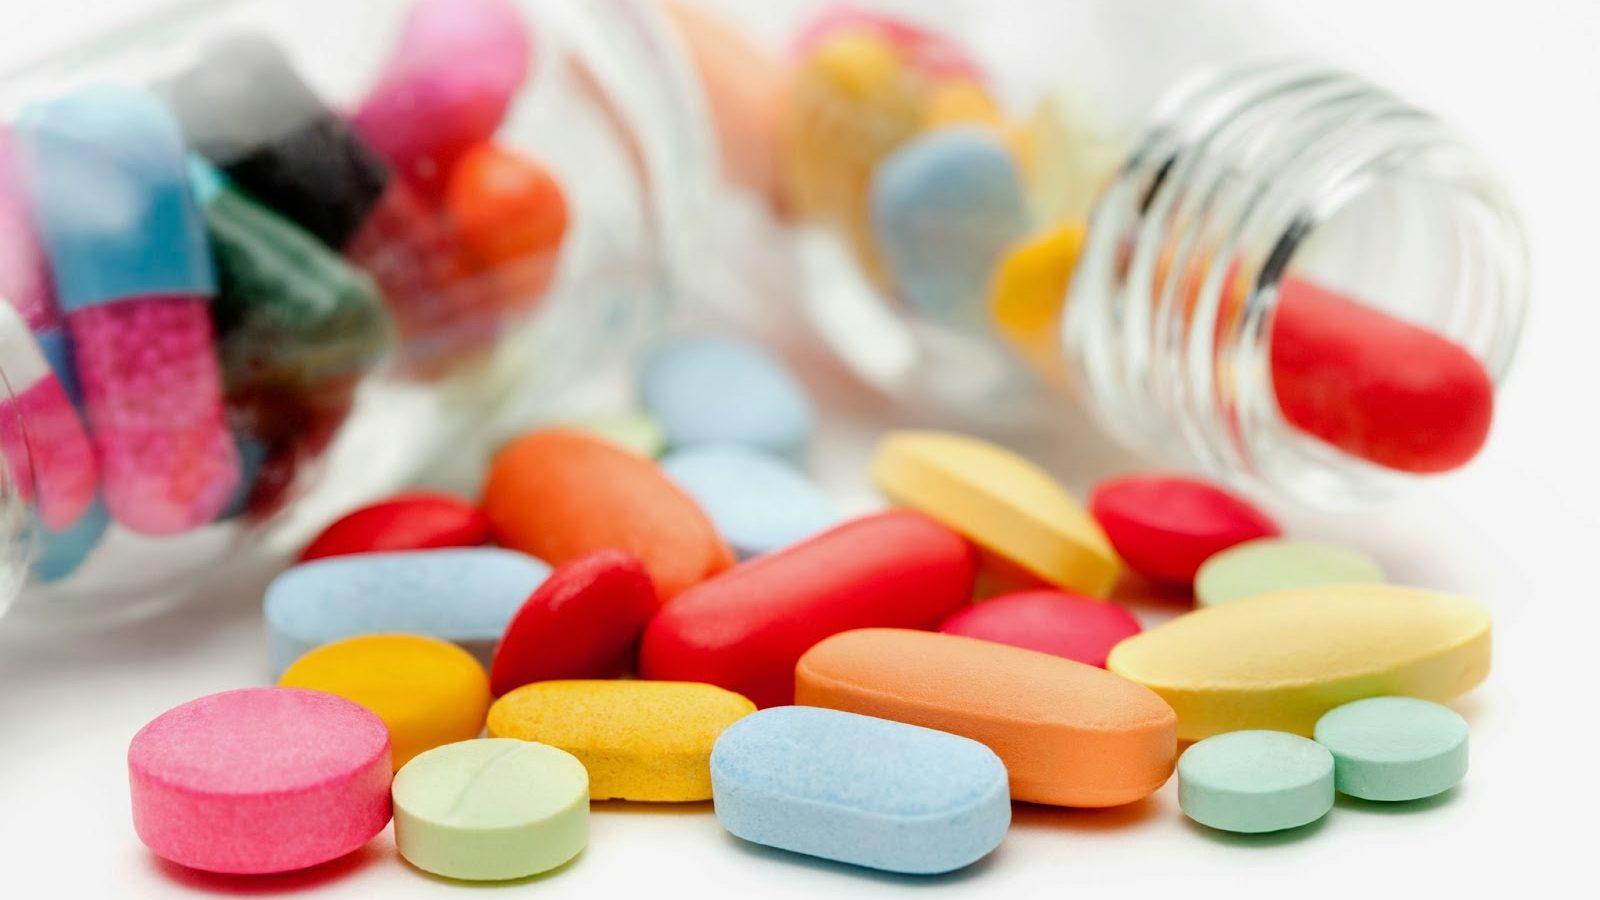 pastillas de colores